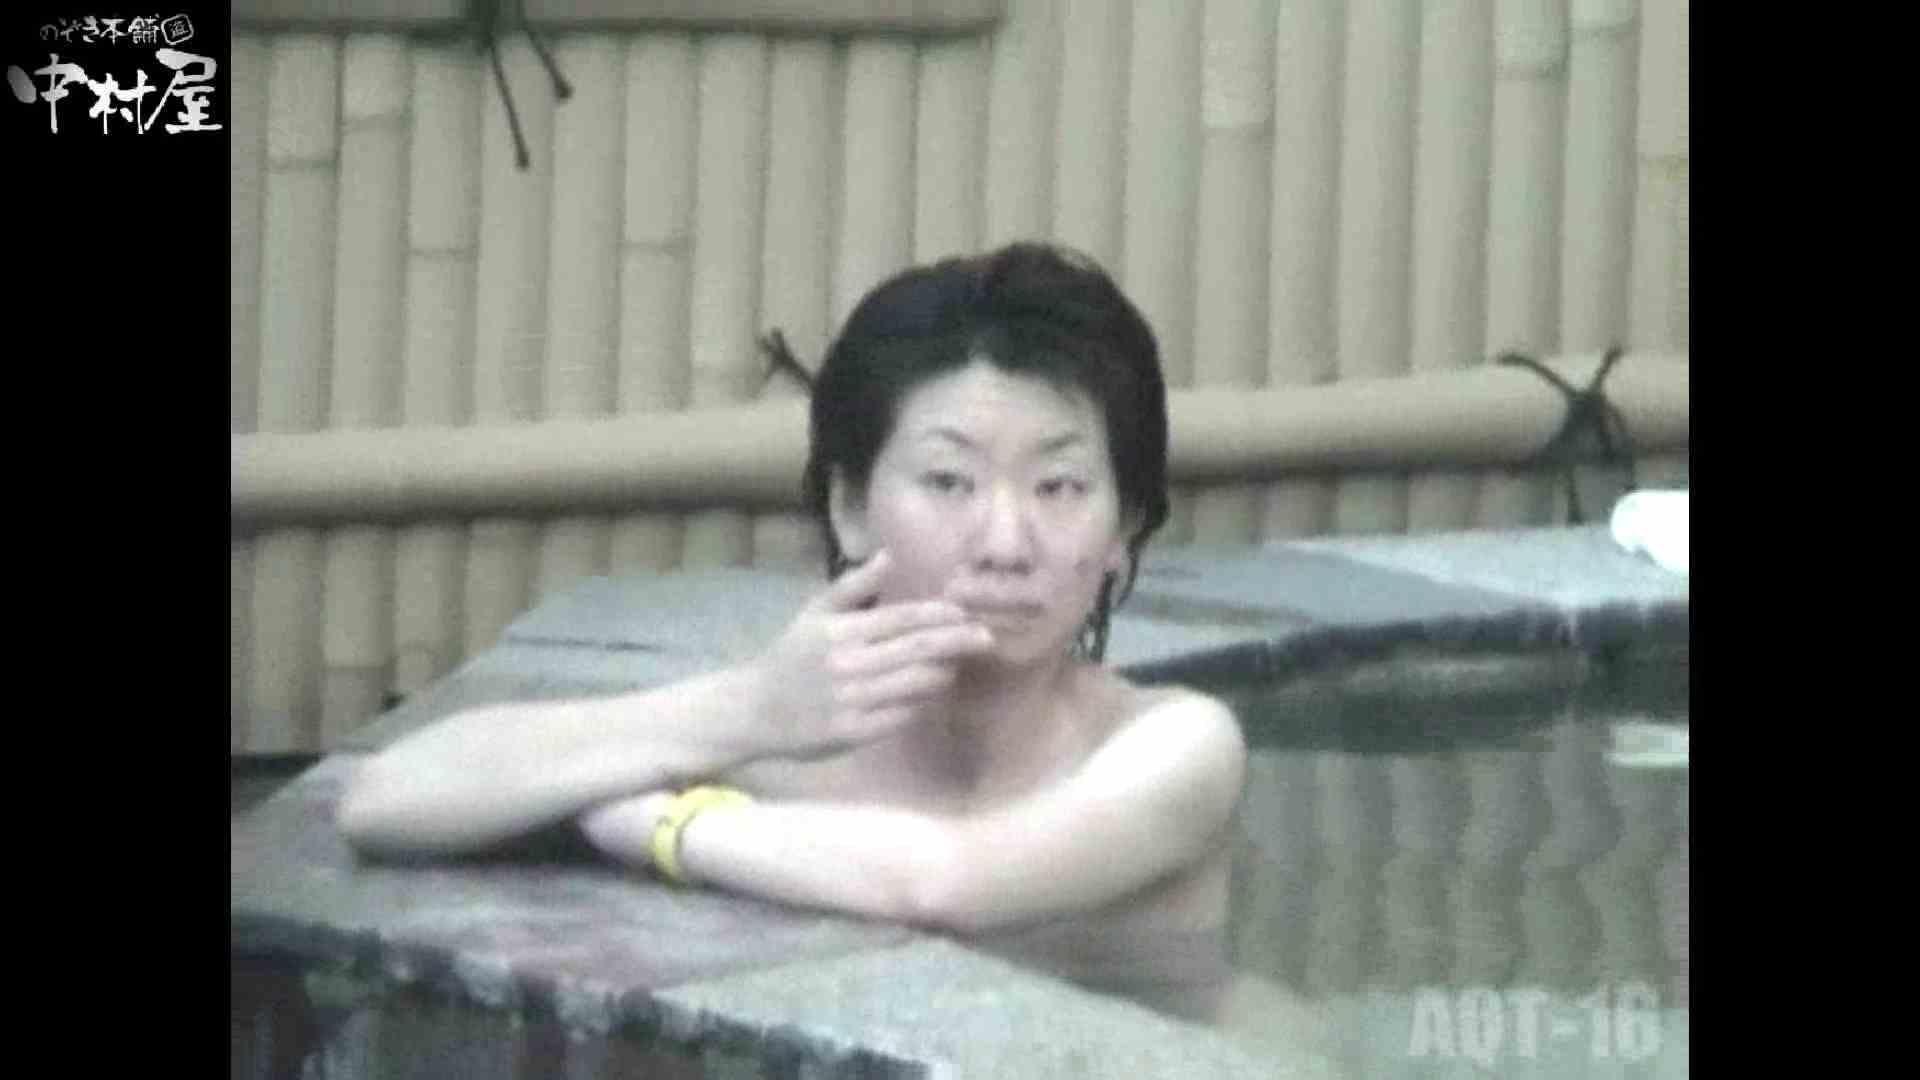 Aquaな露天風呂Vol.880潜入盗撮露天風呂十六判湯 其の三 盗撮 オマンコ動画キャプチャ 61画像 6